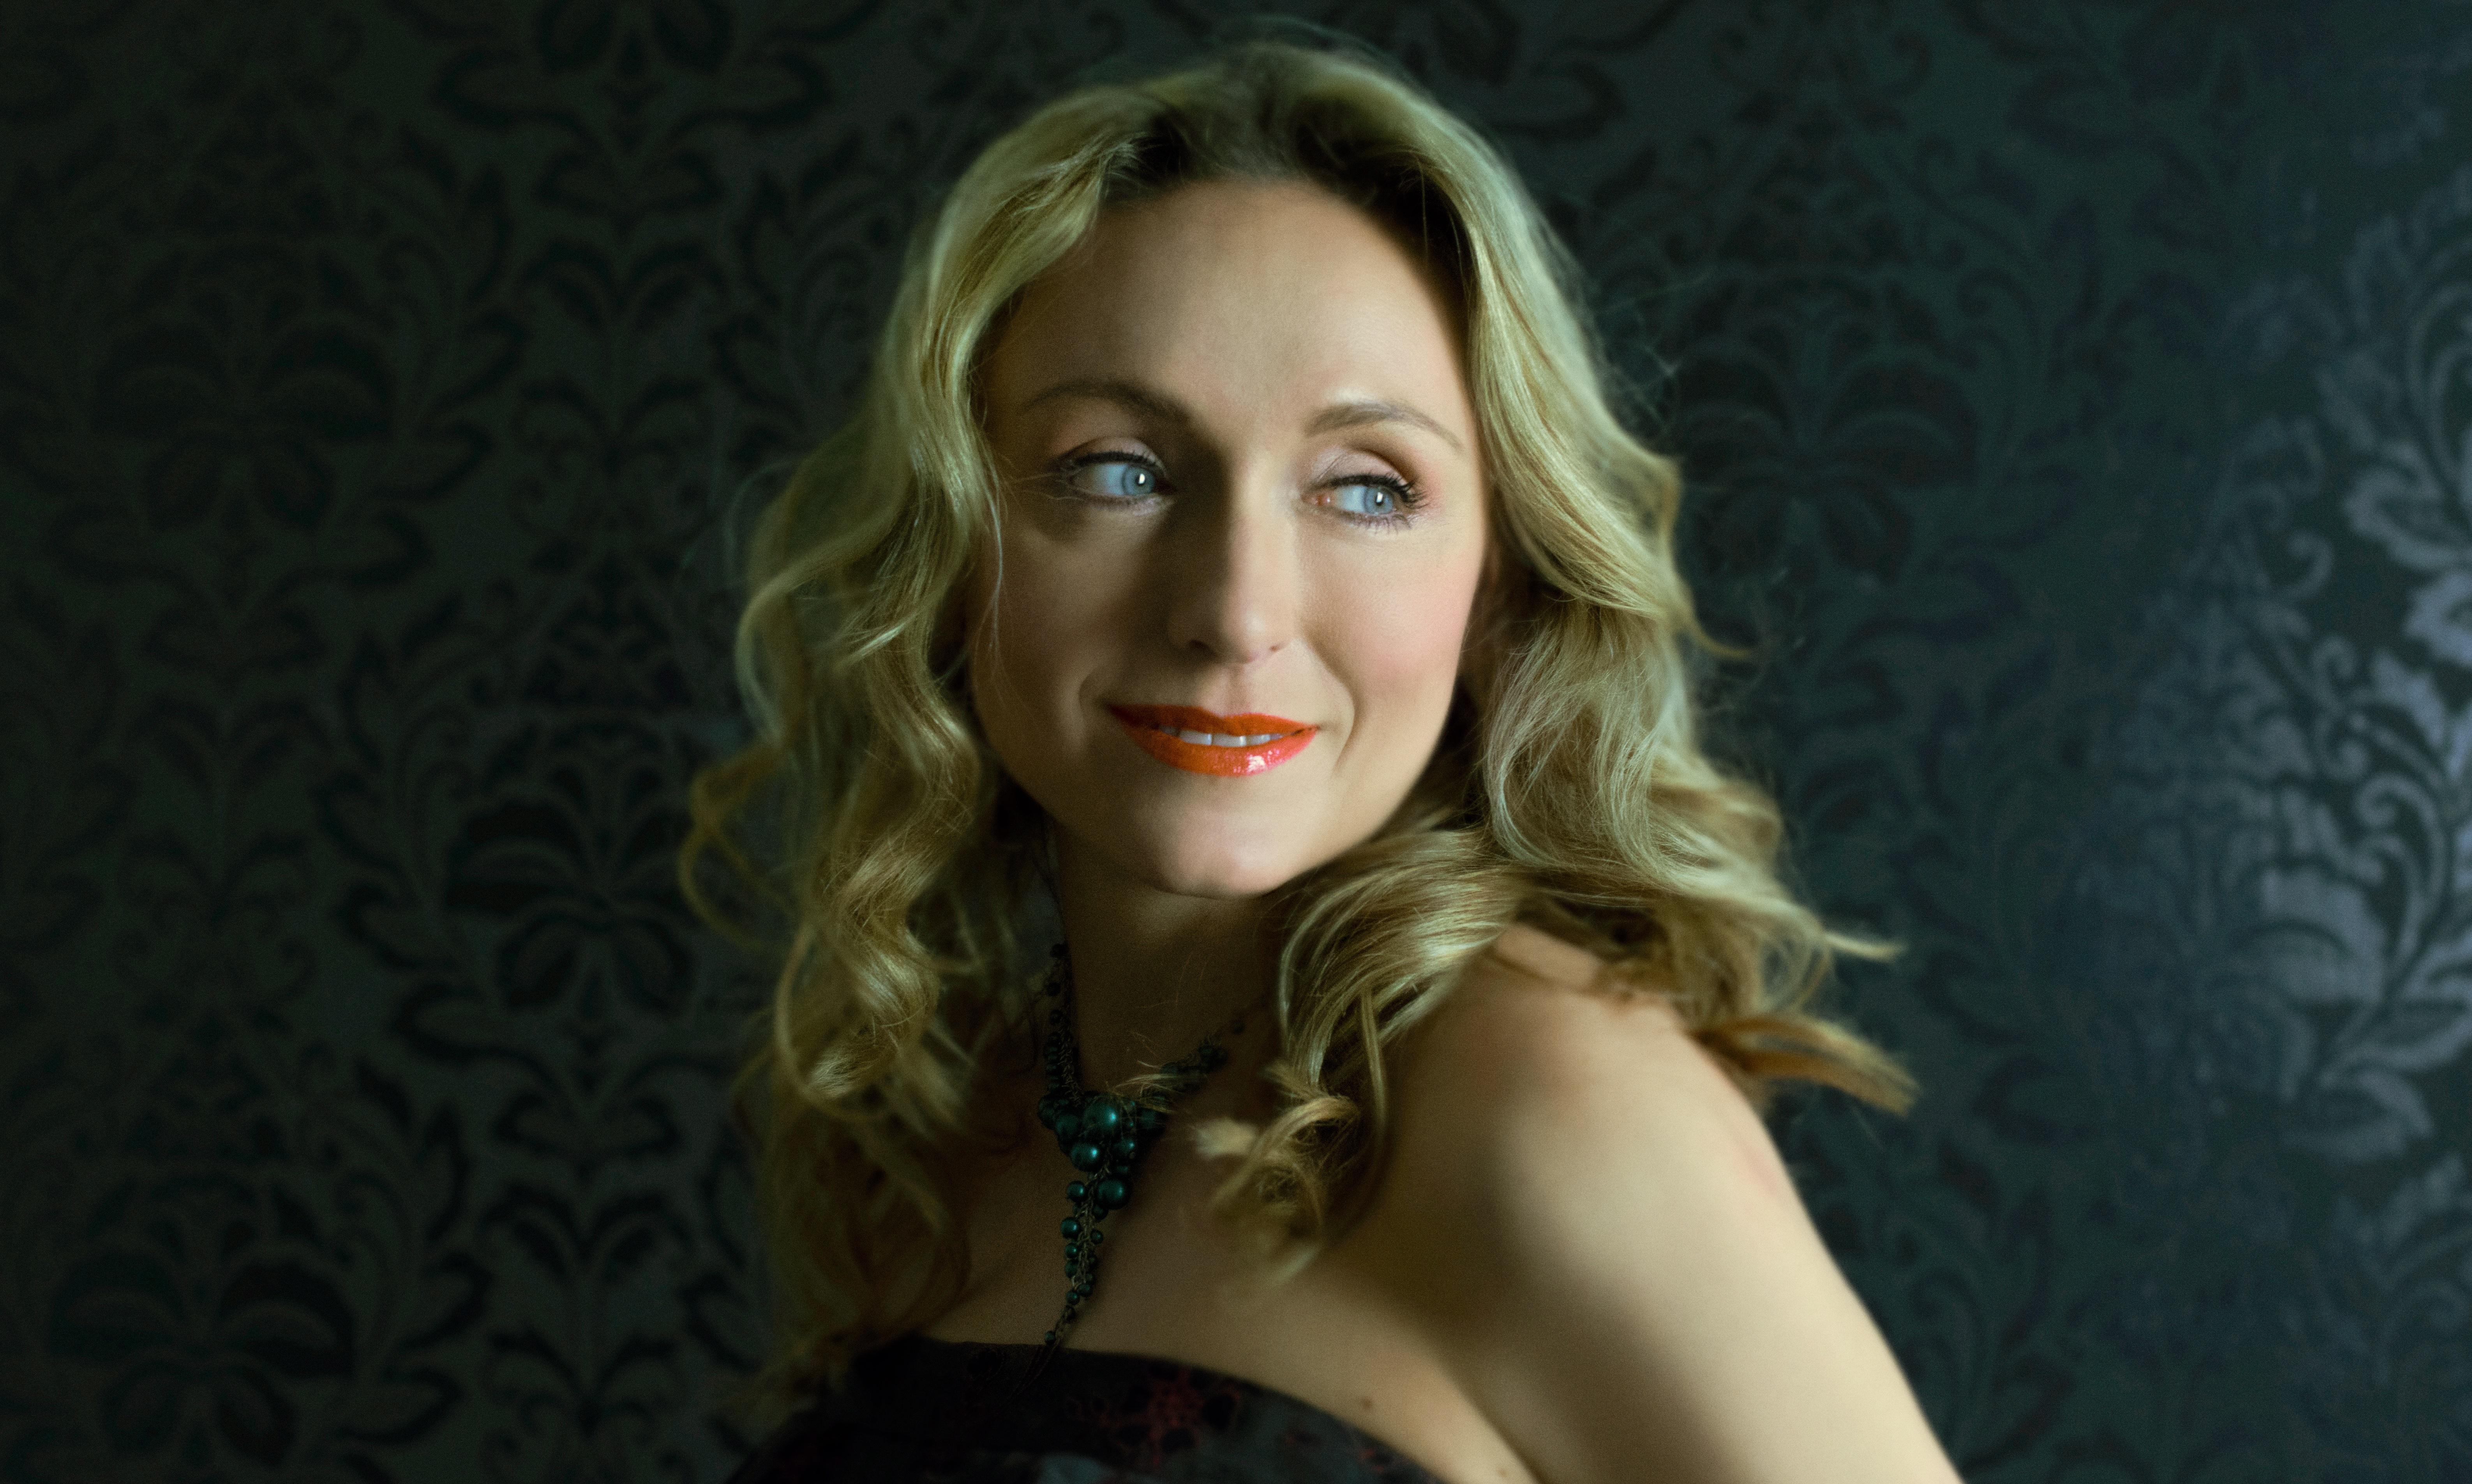 Přední česká sopranistka Olga Jelínková debutuje v opeře v Mannheimu jako Elvira ve Verdiho opeře Ernani a v zahraničí již zakotví nastálo